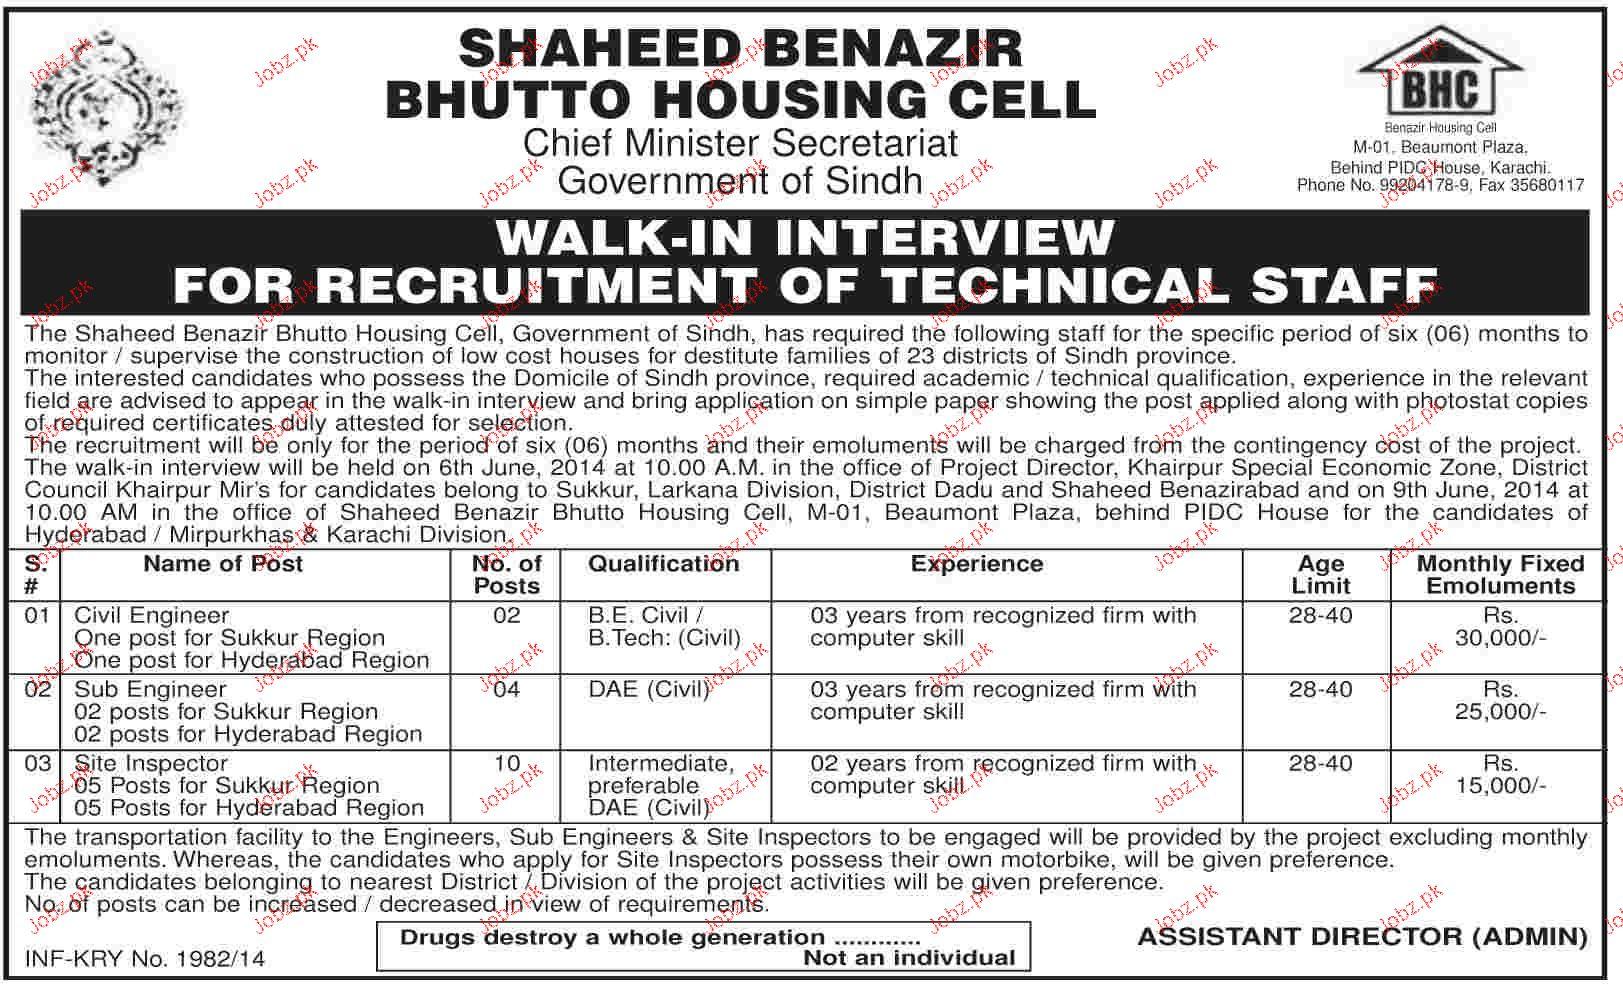 Civil Engineers, Sub Engineers Job Opportunity